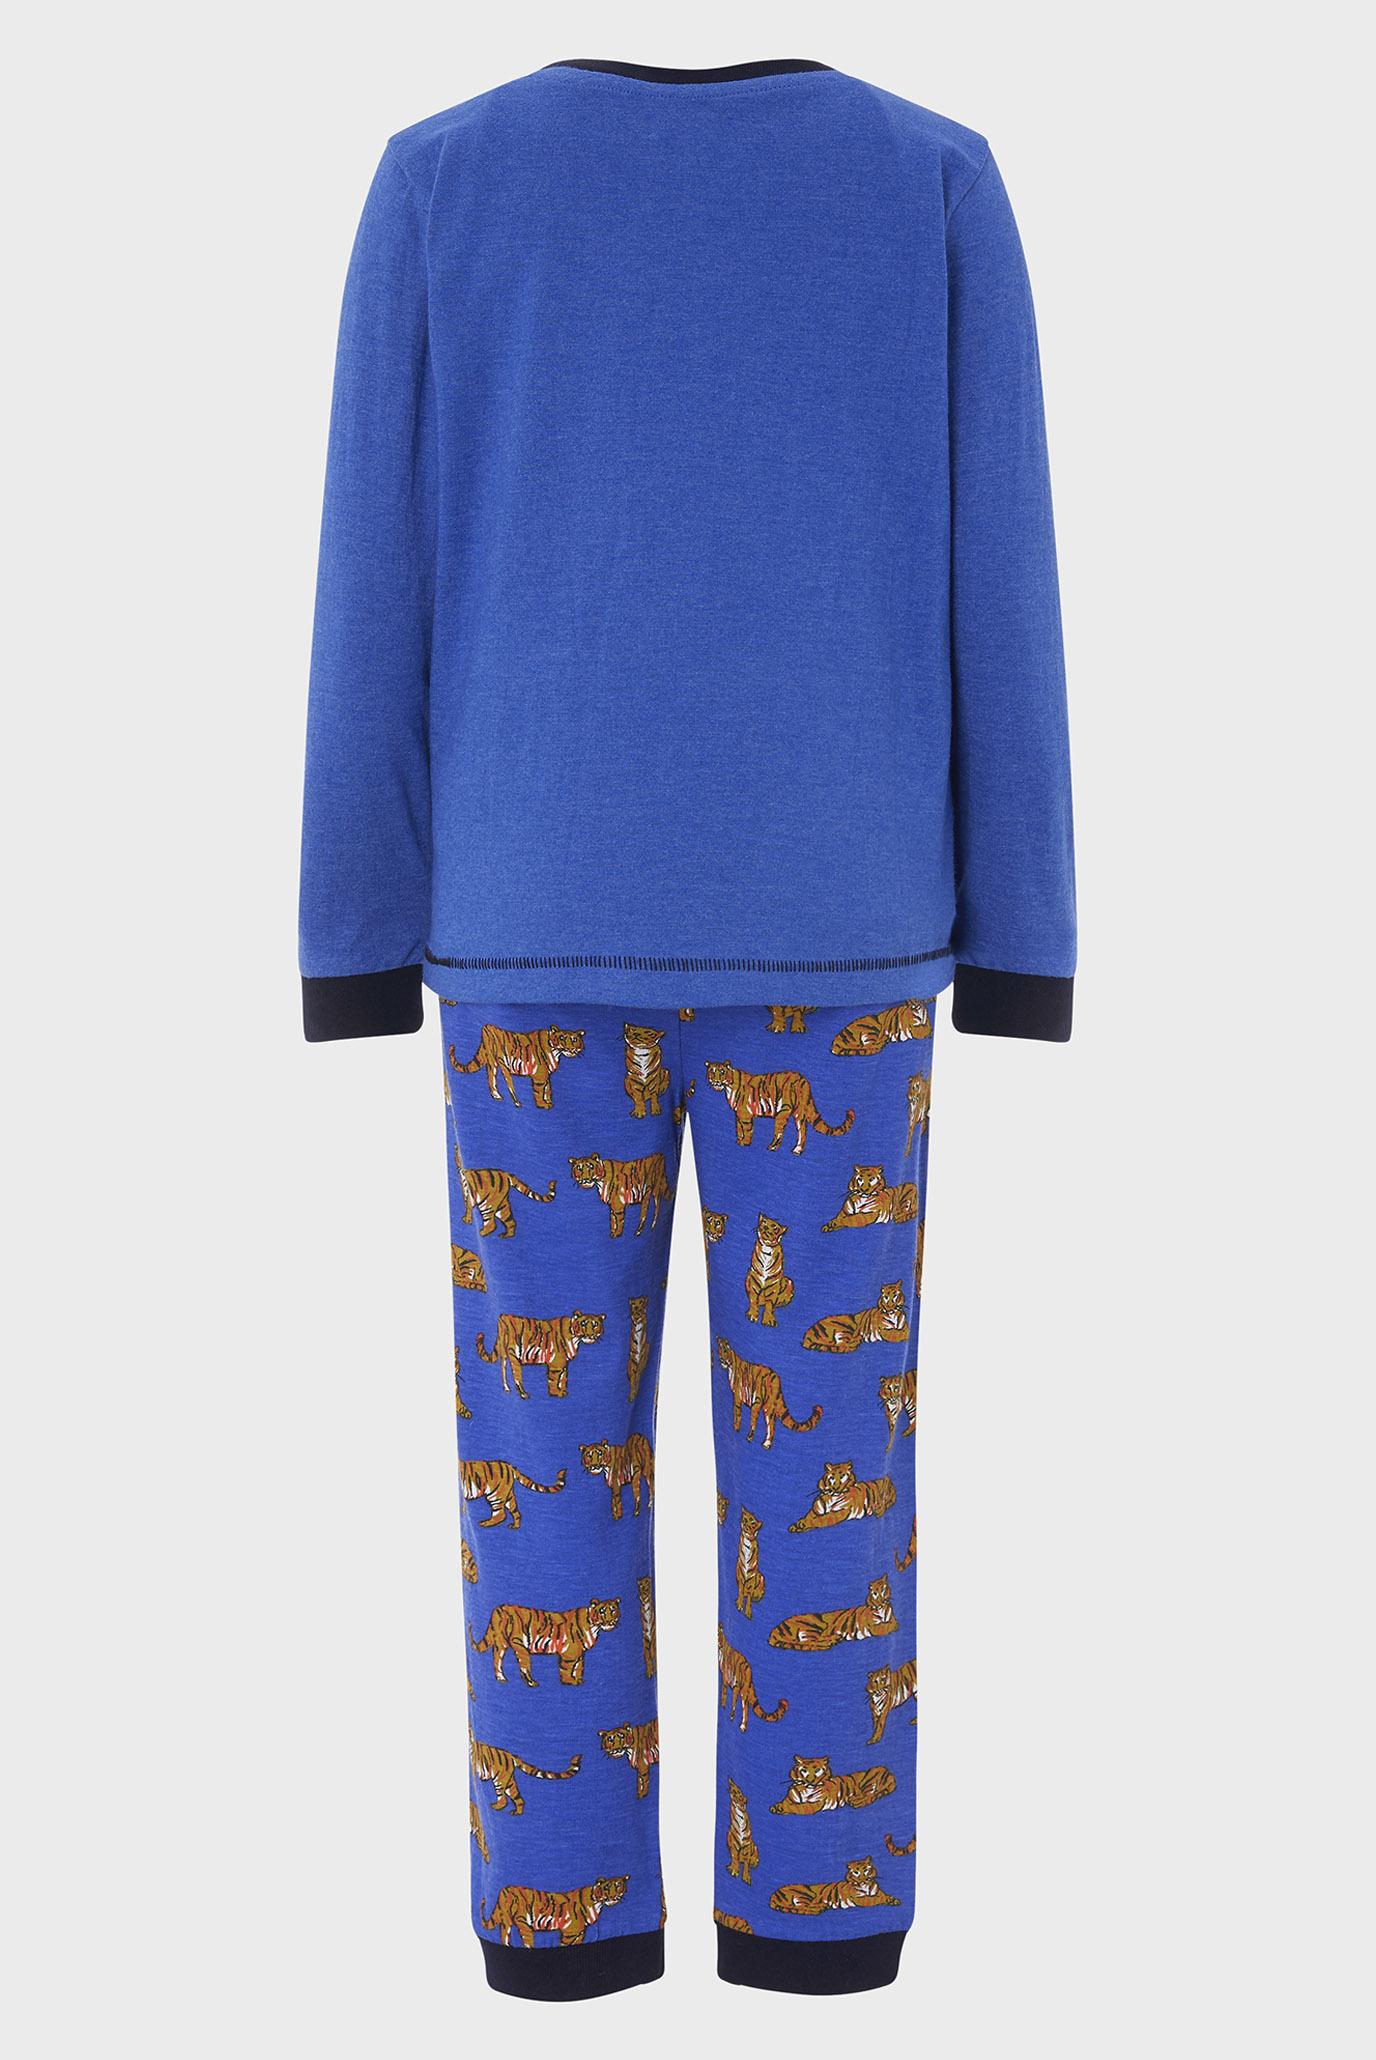 Купить Детская синяя пижама Timothy Tiger (лонгслив, брюки) Monsoon Children Monsoon Children 514257 – Киев, Украина. Цены в интернет магазине MD Fashion